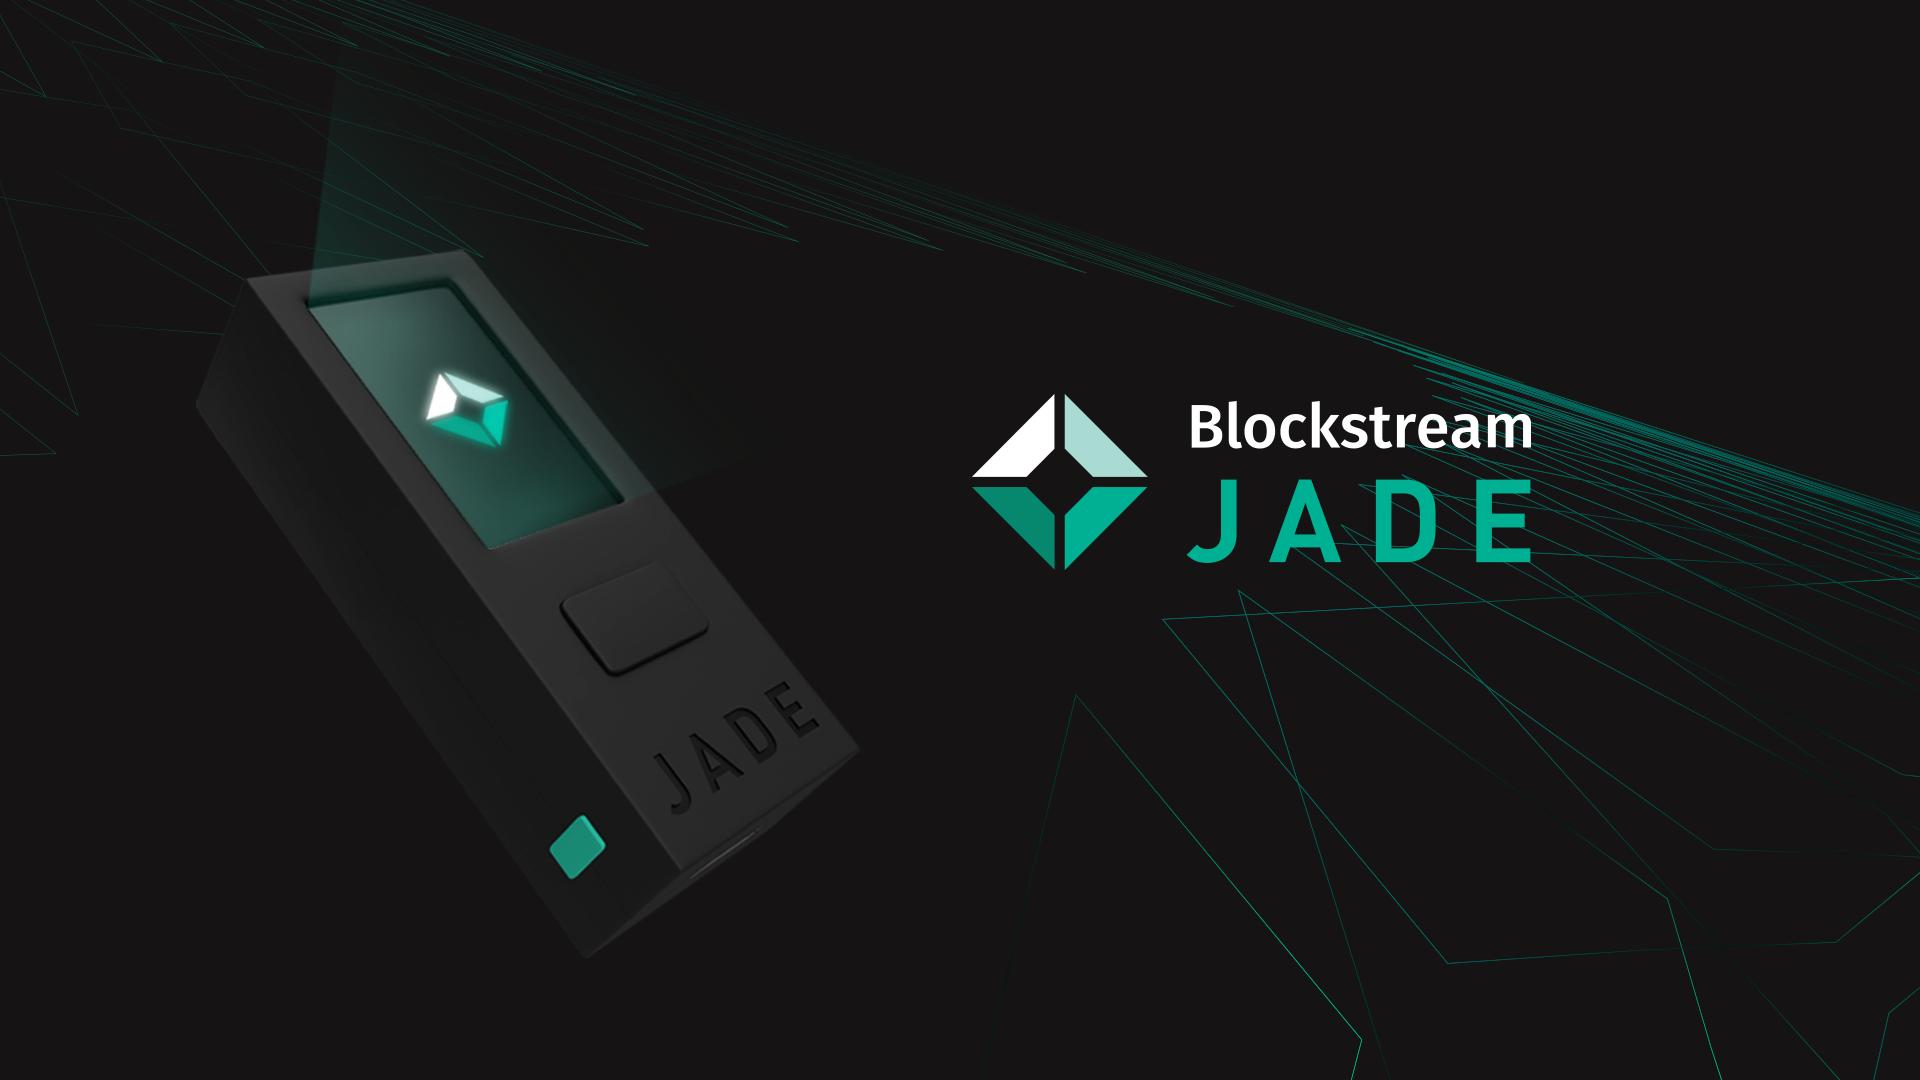 Аппаратный BTC-кошелек Jade от Blockstream